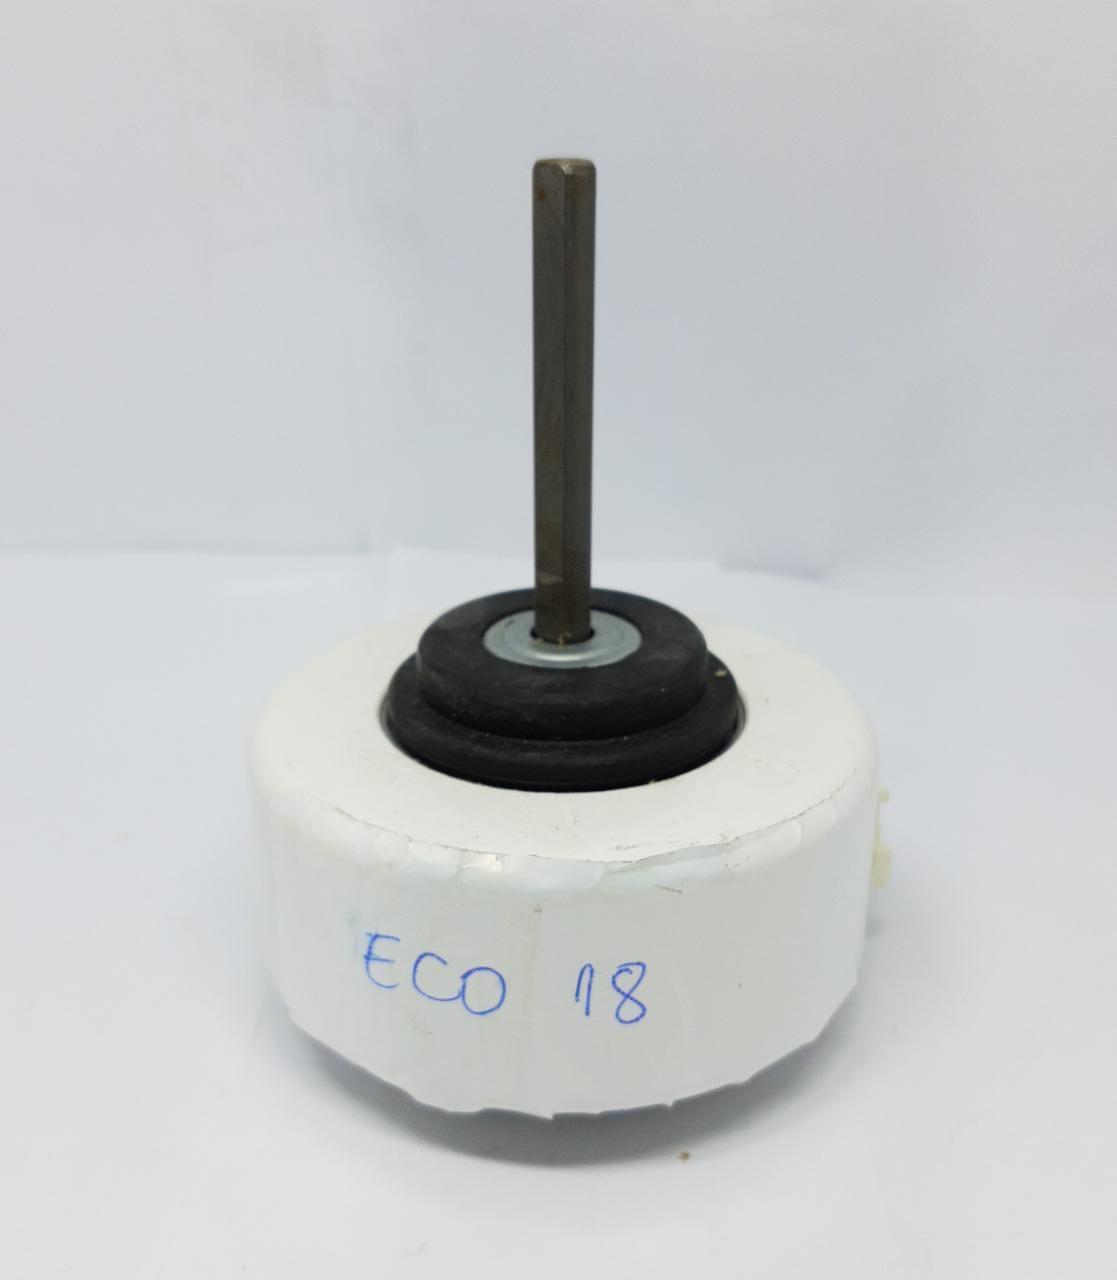 Motor Ventilador Evaporadora 18.000 Btus Agratto Eco Ecs18 Original